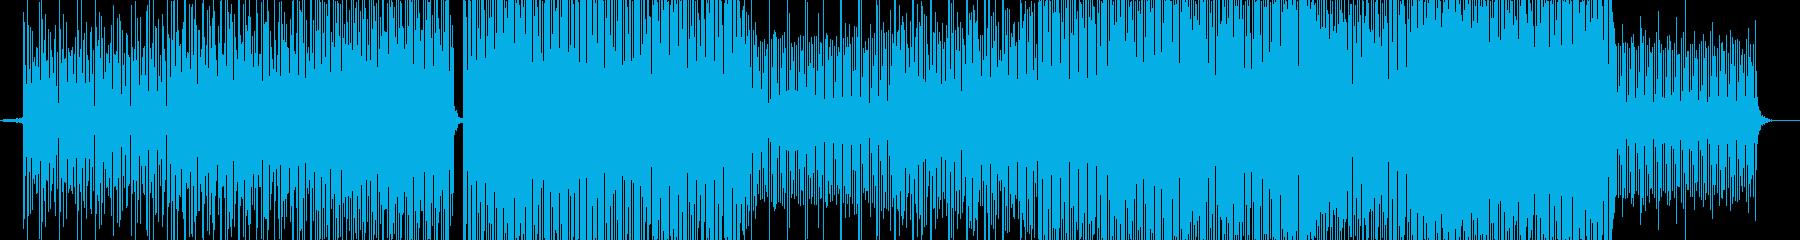 ■シンセ-GoPro-レトロフューチャーの再生済みの波形